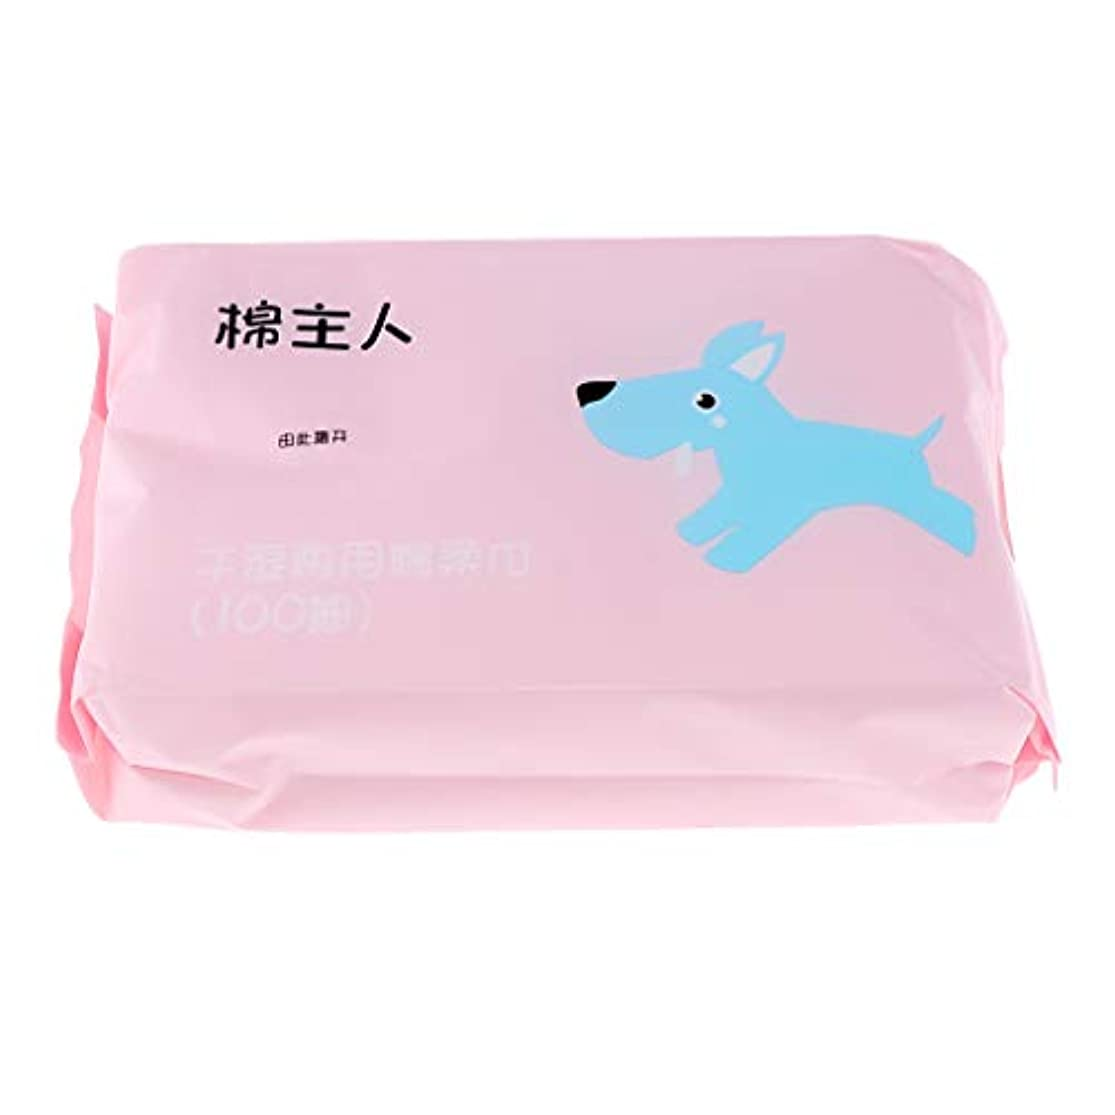 ぞっとするようなめんどり前兆約100枚 使い捨て クレンジングシート ソフト 便利 スキンケア 2色選べ - ピンク